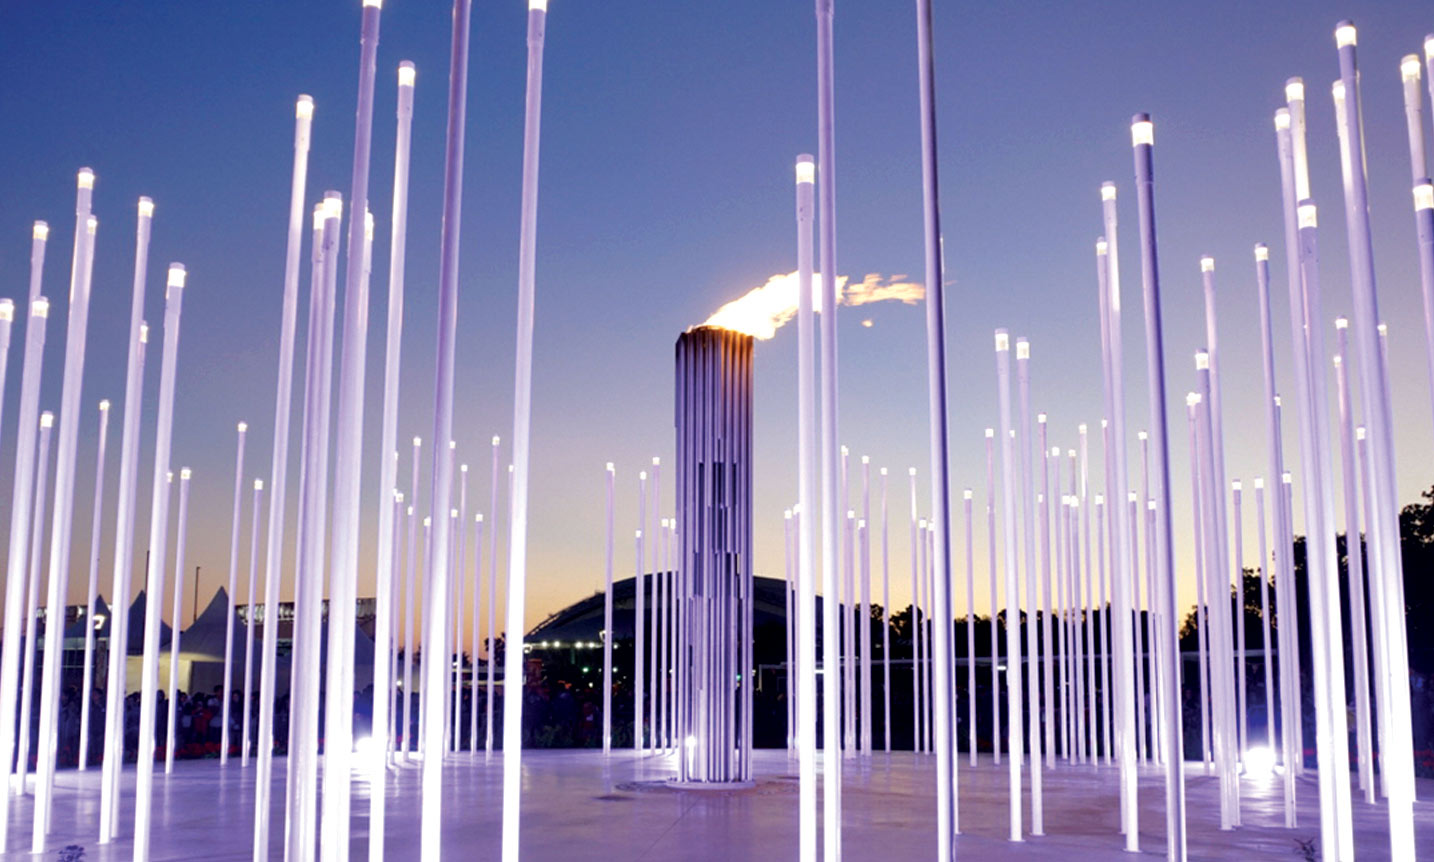 Lozannada yeniyetmələrin III Qış Olimpiya Oyunları keçirilir